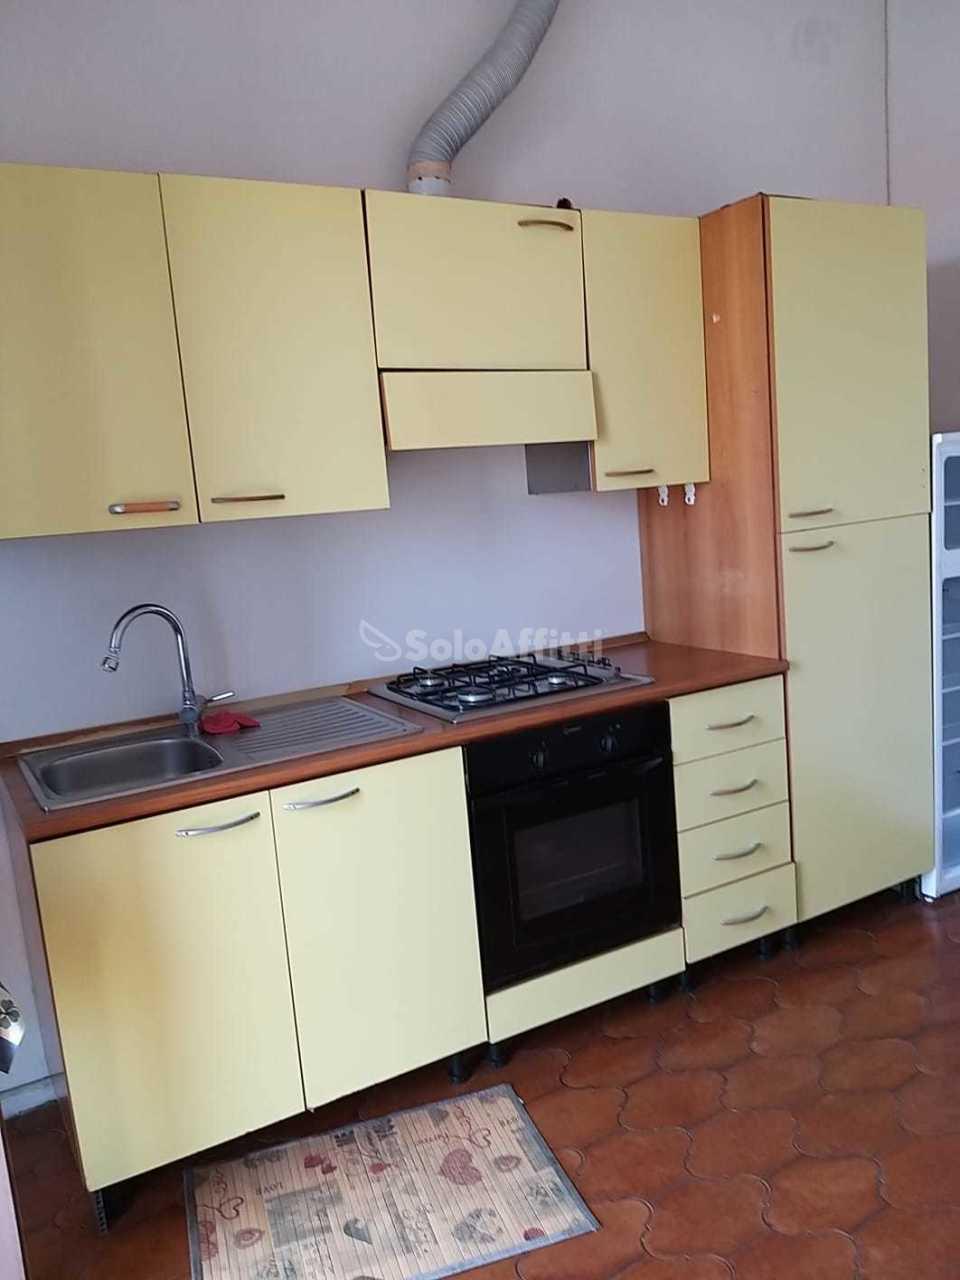 Appartamento, 0, Affitto/Cessione - Inzago